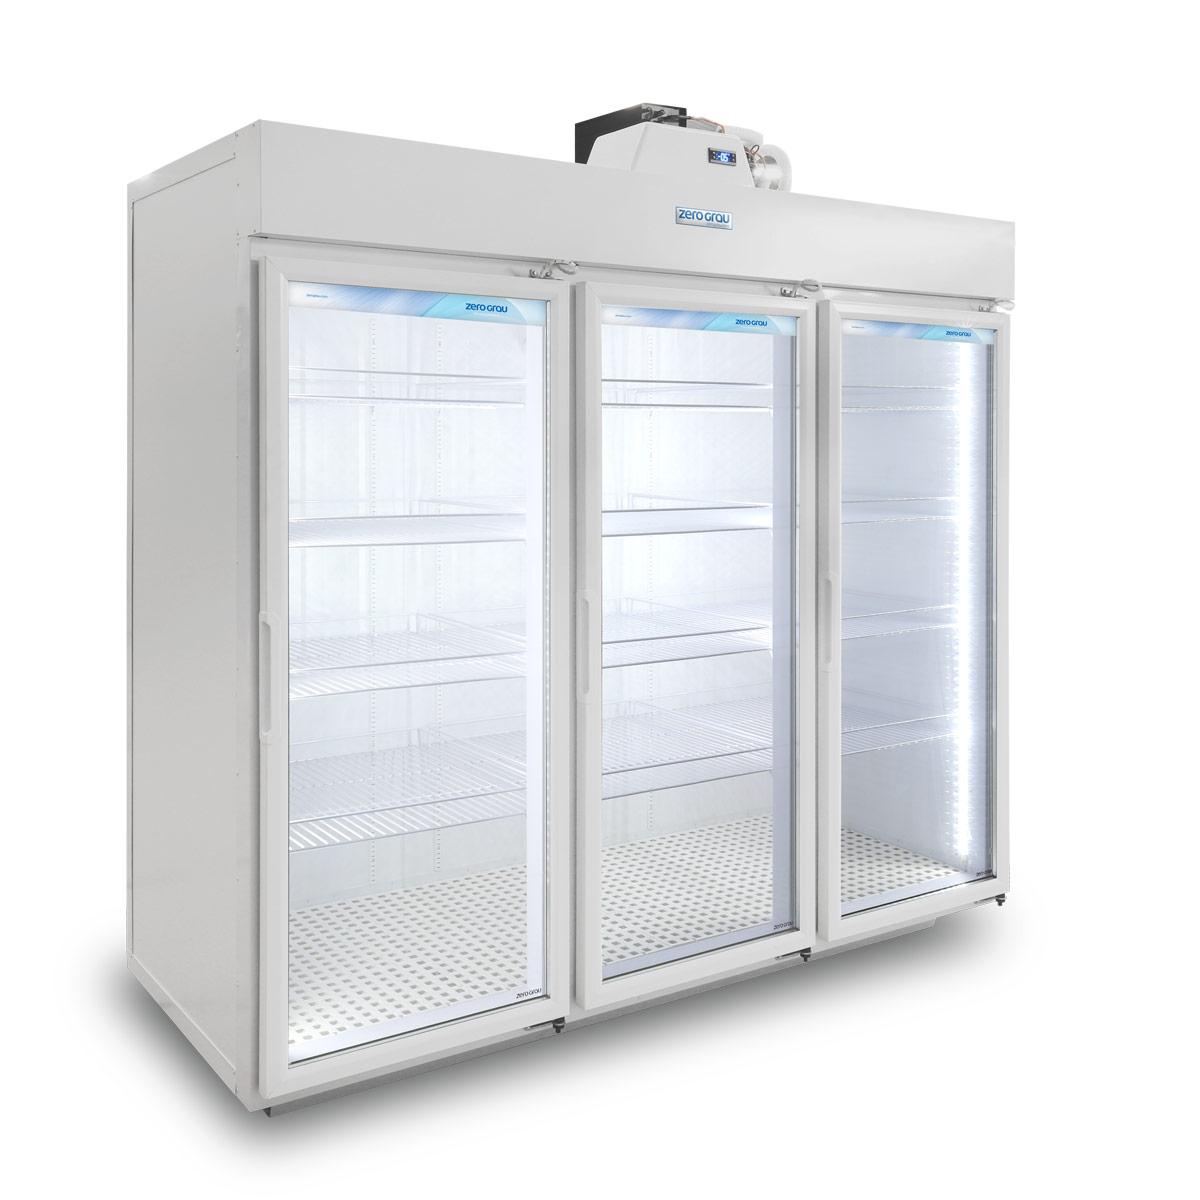 Expositor Modular 3 Portas para Congelados - 2.440 Litros